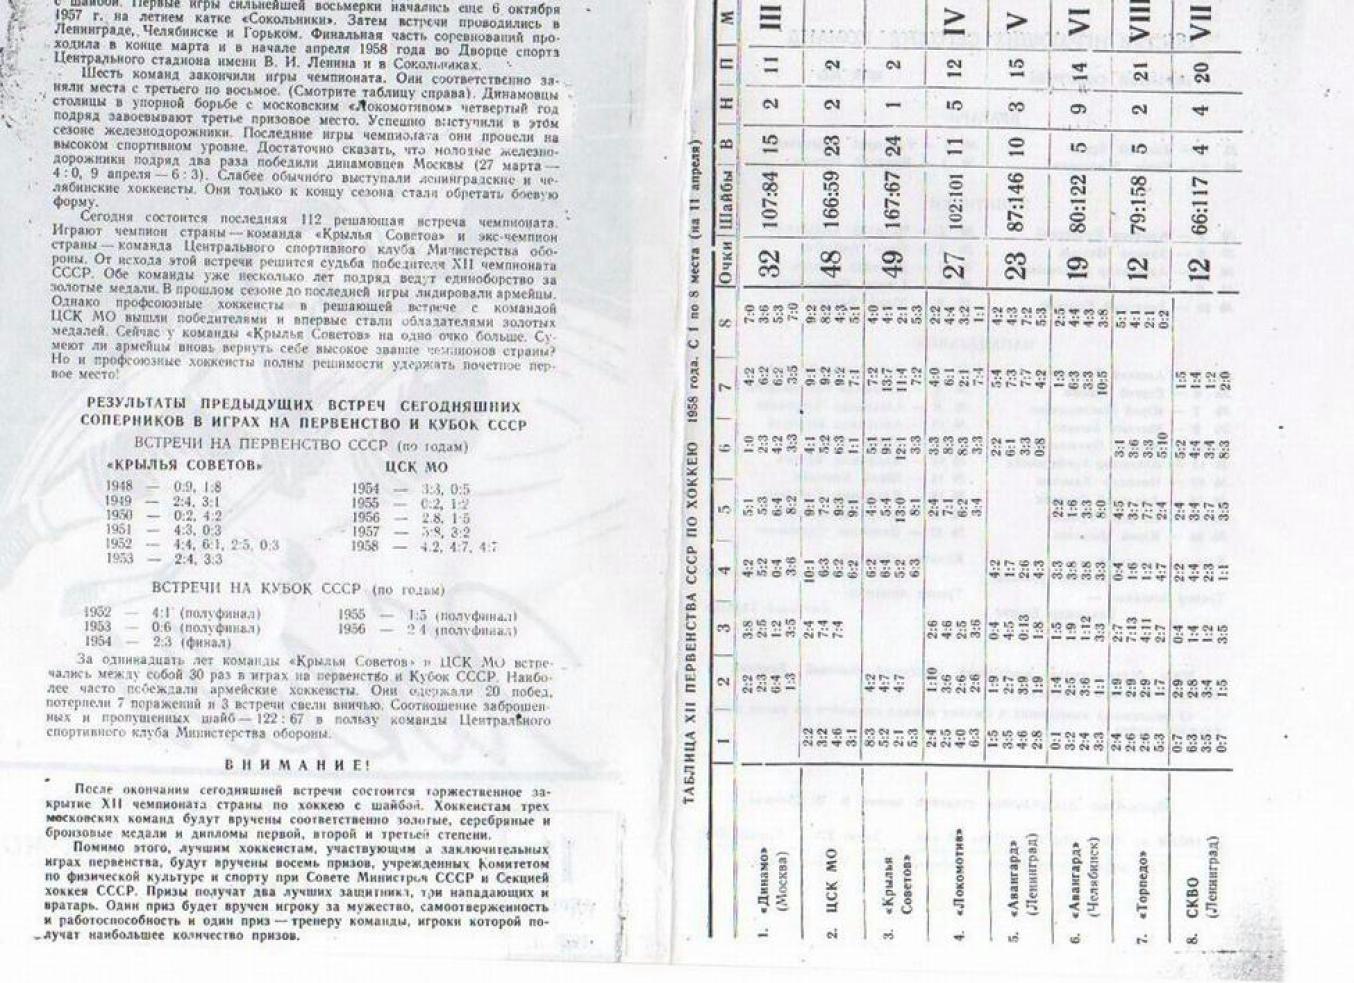 1958.04.11. Крылья Советов - ЦСК МО (Чм. СССР)_02.png